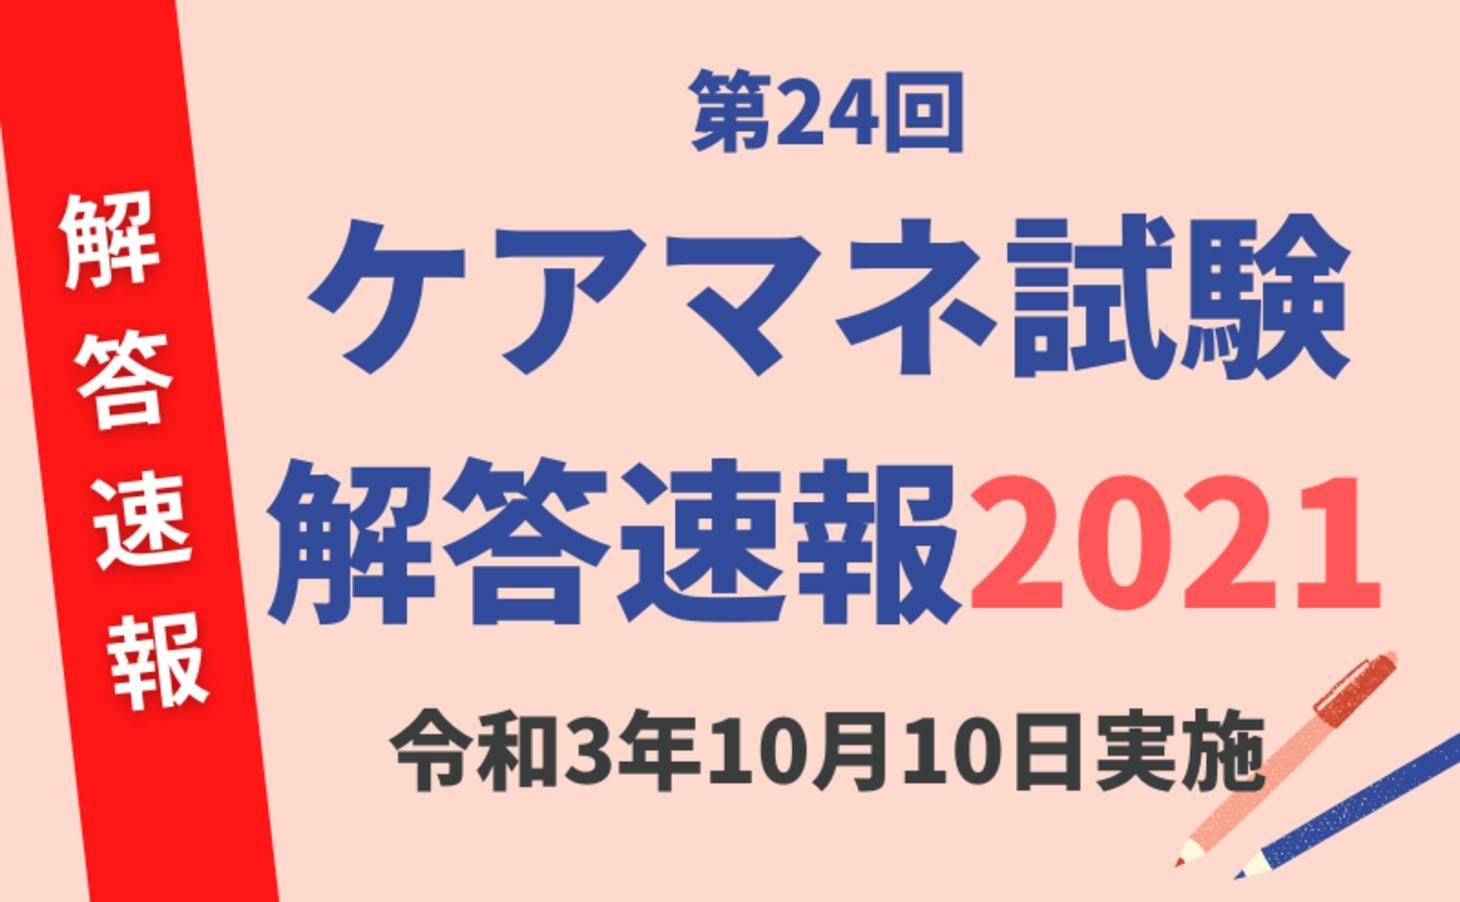 ケアマネ試験 解答速報【2021年10月10日試験】令和3年度(第24回)介護支援専門員実務研修受講試験